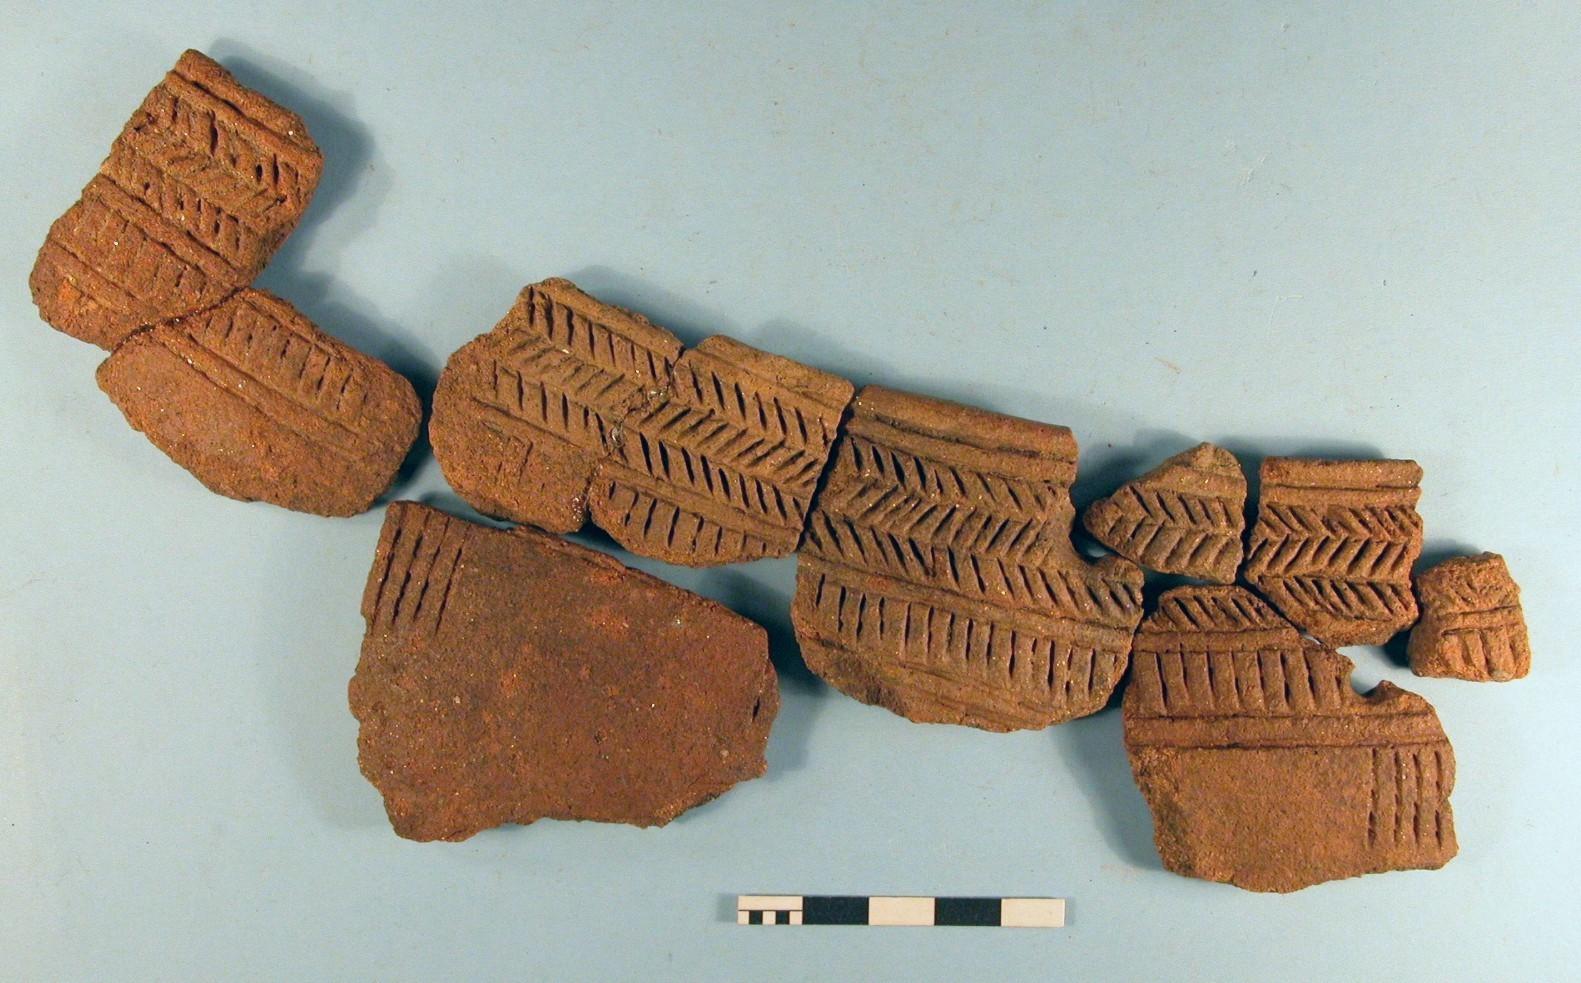 CAREG/01: Neolítico Inicial. Cuenco con decoración boquique. Asentamiento en abrigo de O Regueirño (Moaña, Pontevedra)